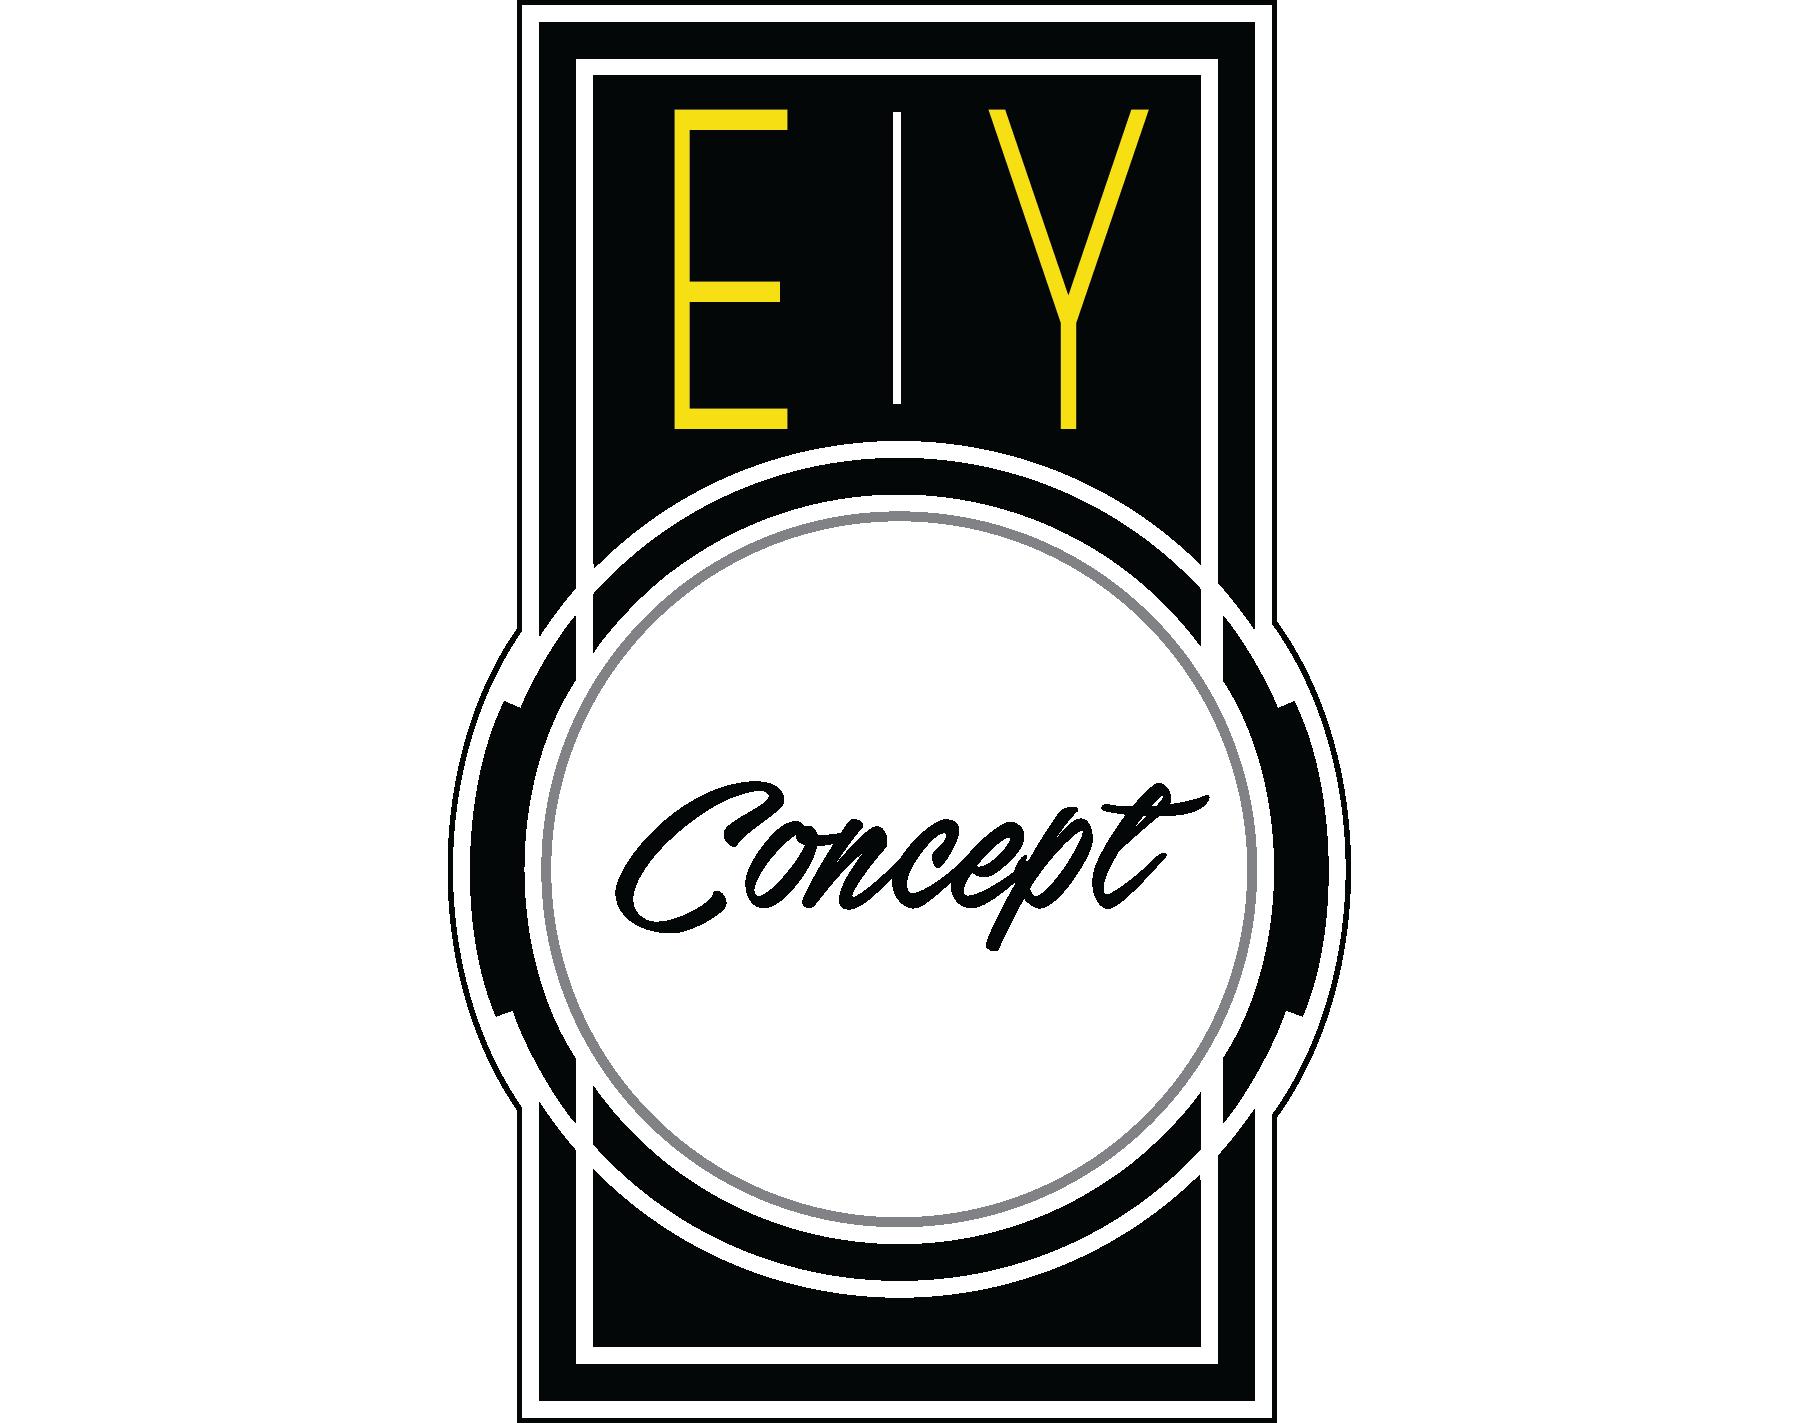 concept e&y.png